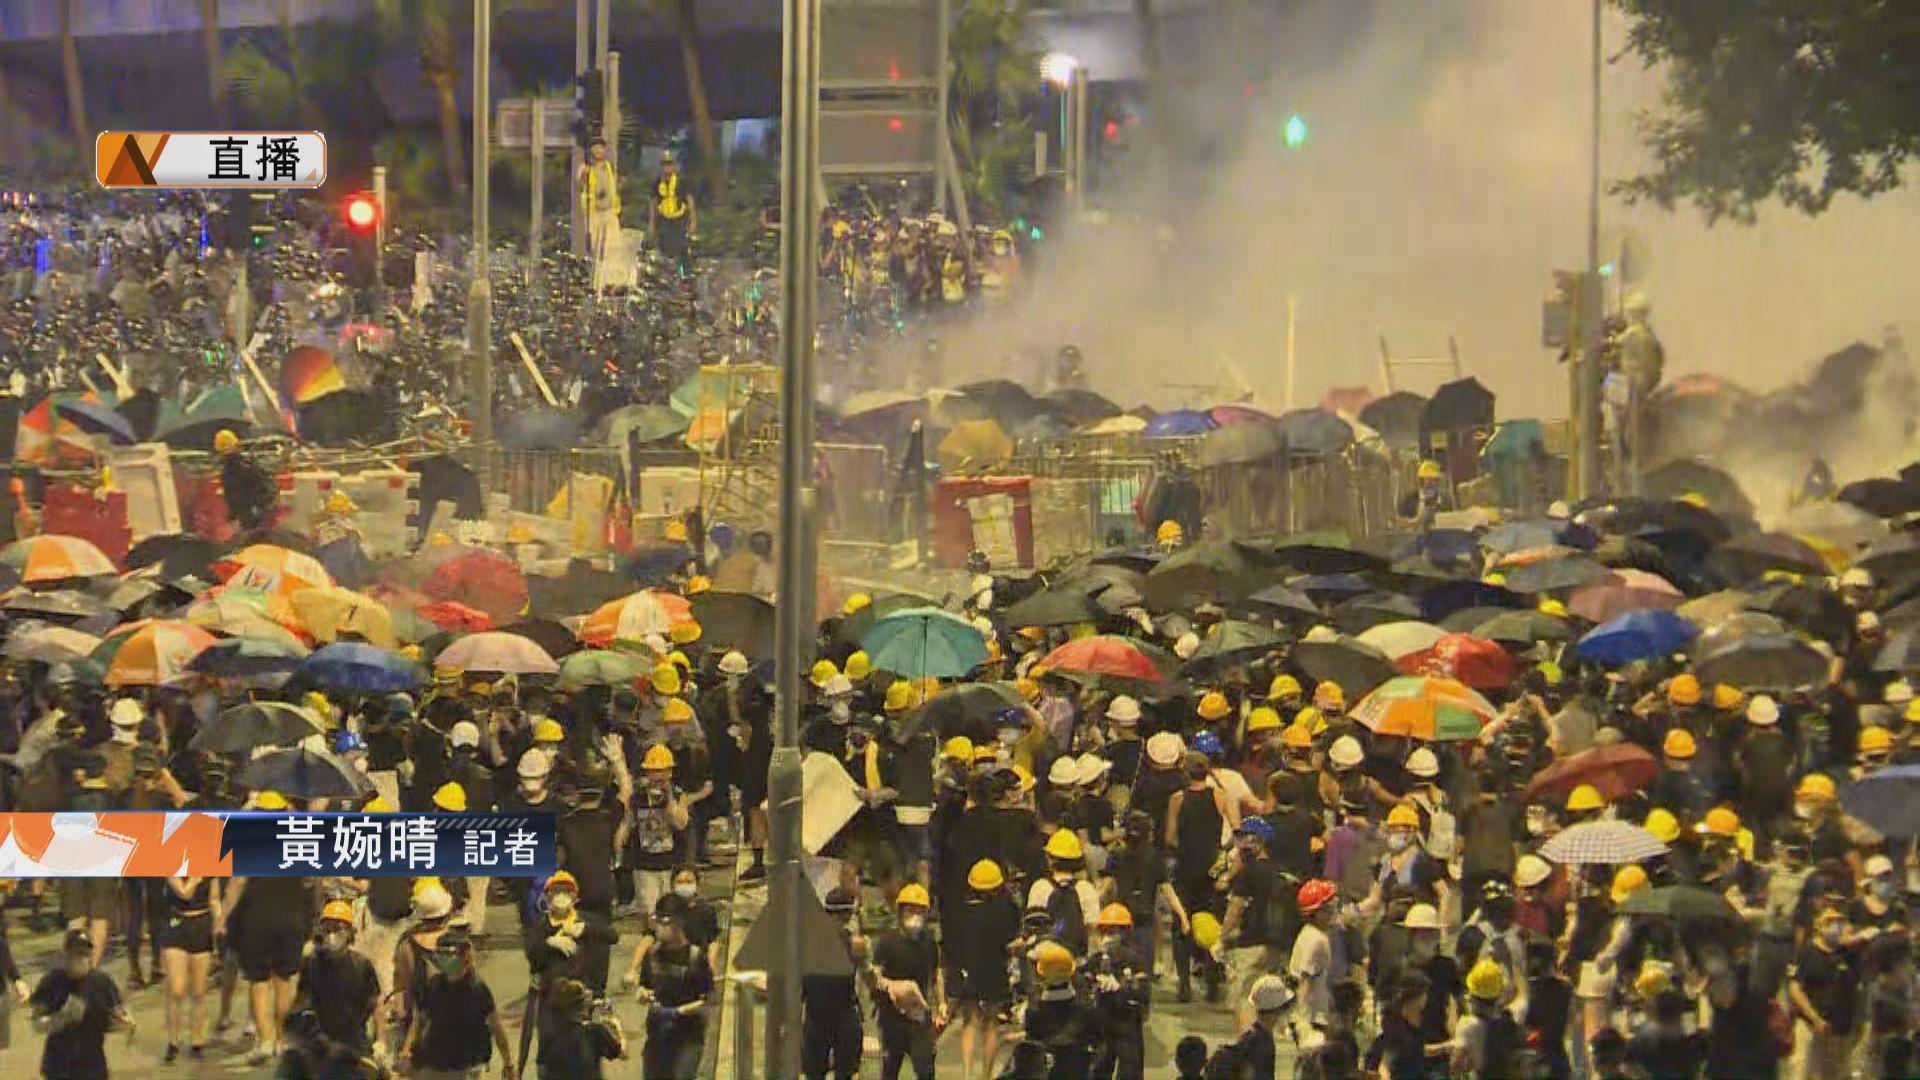 【現場報道】未見示威者與警方有明顯衝突